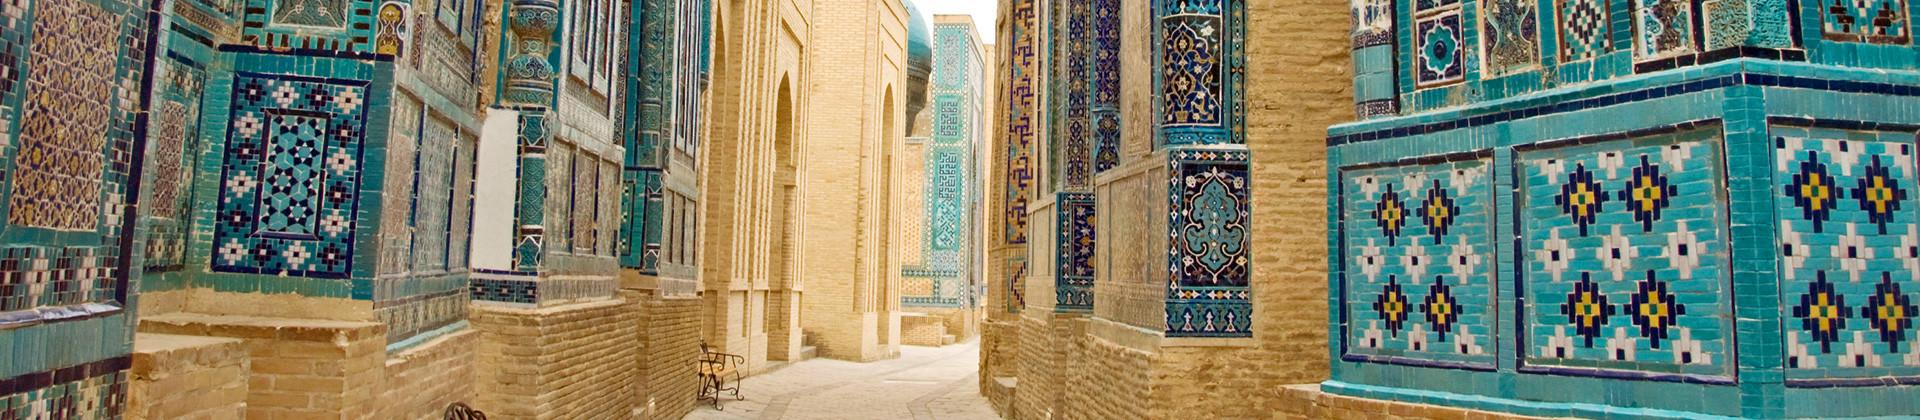 Welcome to Uzbekistan (Individual) - 1